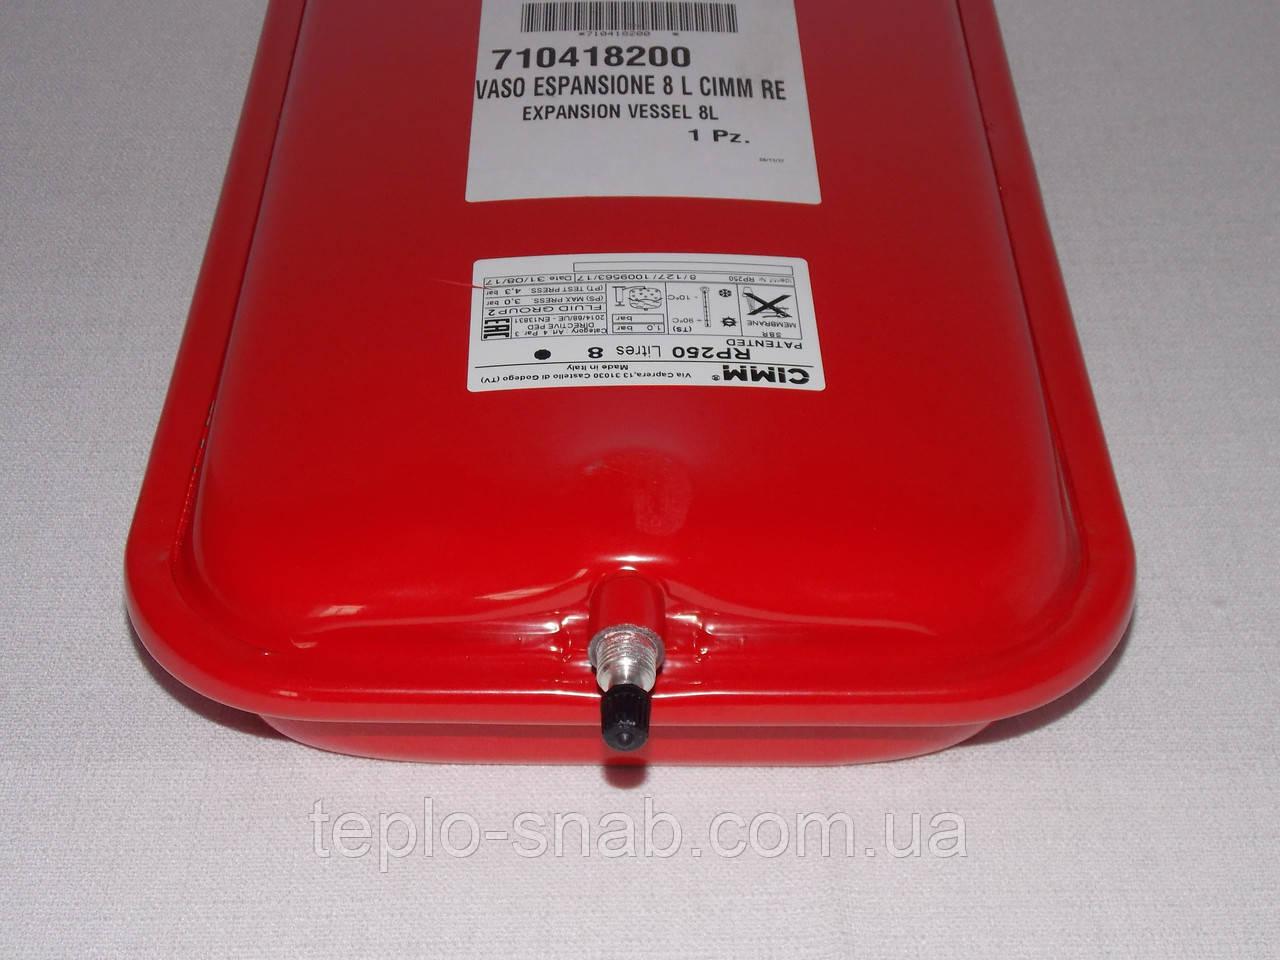 Расширительный бак 8л. прямоугольный газового котла Baxi ECO 5 Compact. 710418200